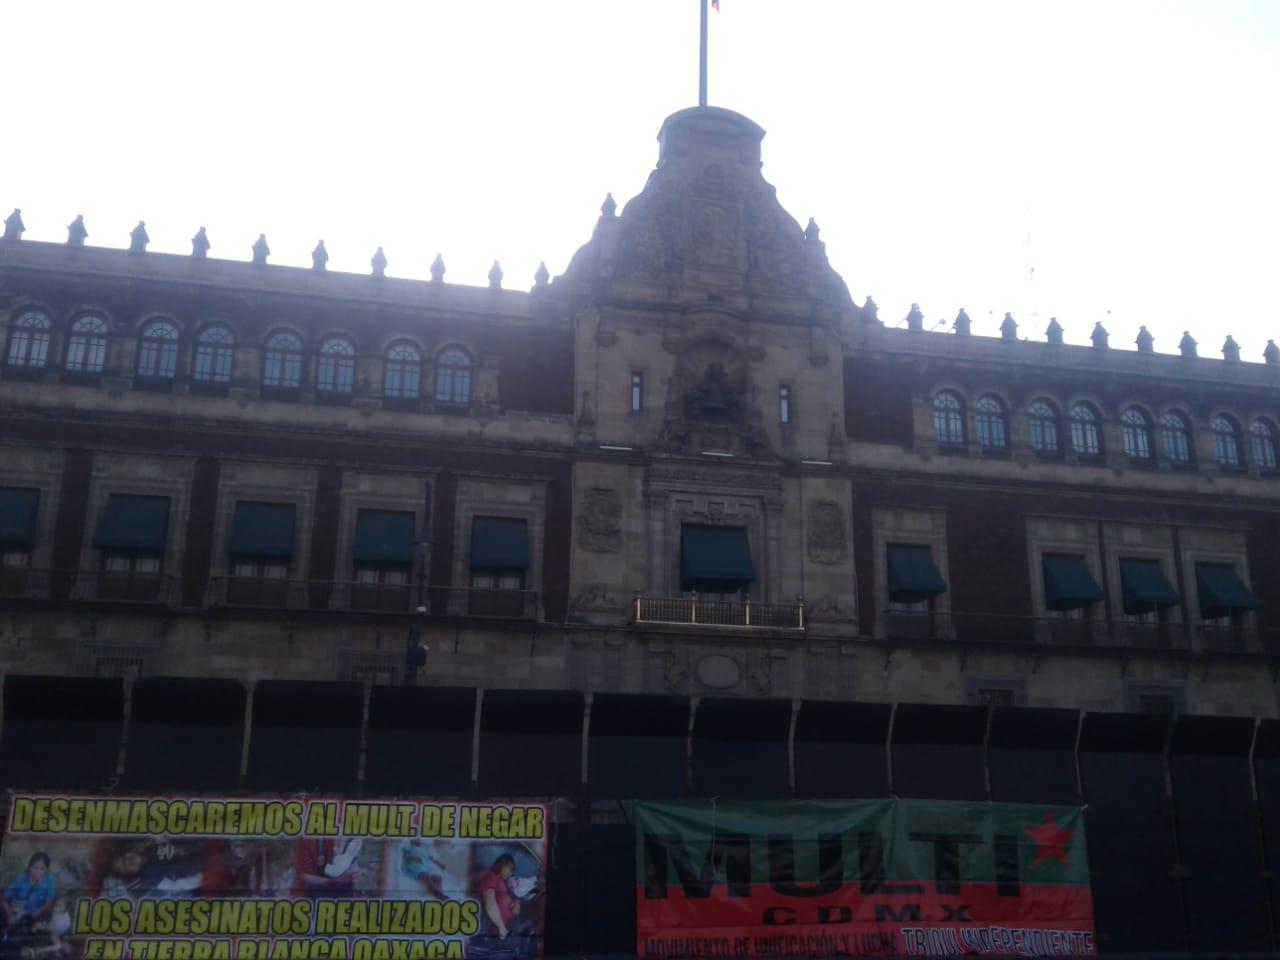 Vallas metálicas resguardan Palacio Nacional en el Centro Histórico de CDMX